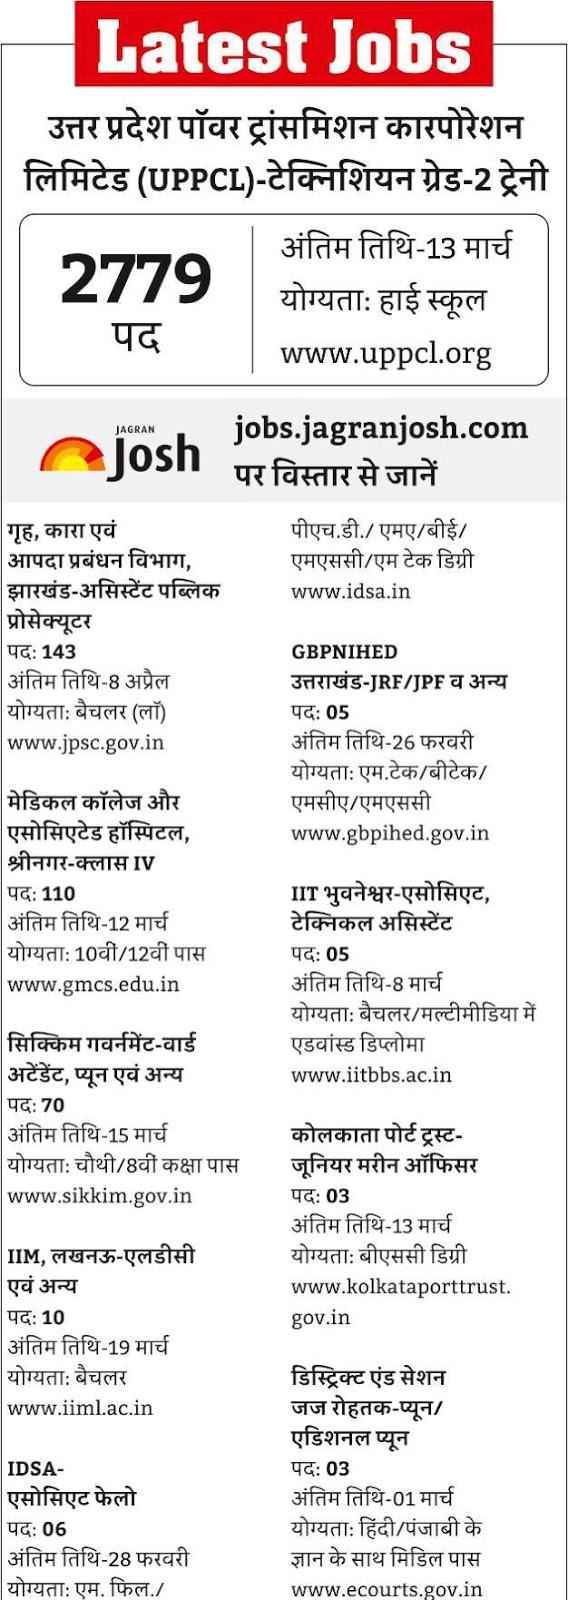 Sarkari Jobs: 2279 पदो पर आवेदन, अंतिम तिथी 13 मार्च, योग्यता हाईस्कूल, ले यहां से पूरी जानकारी